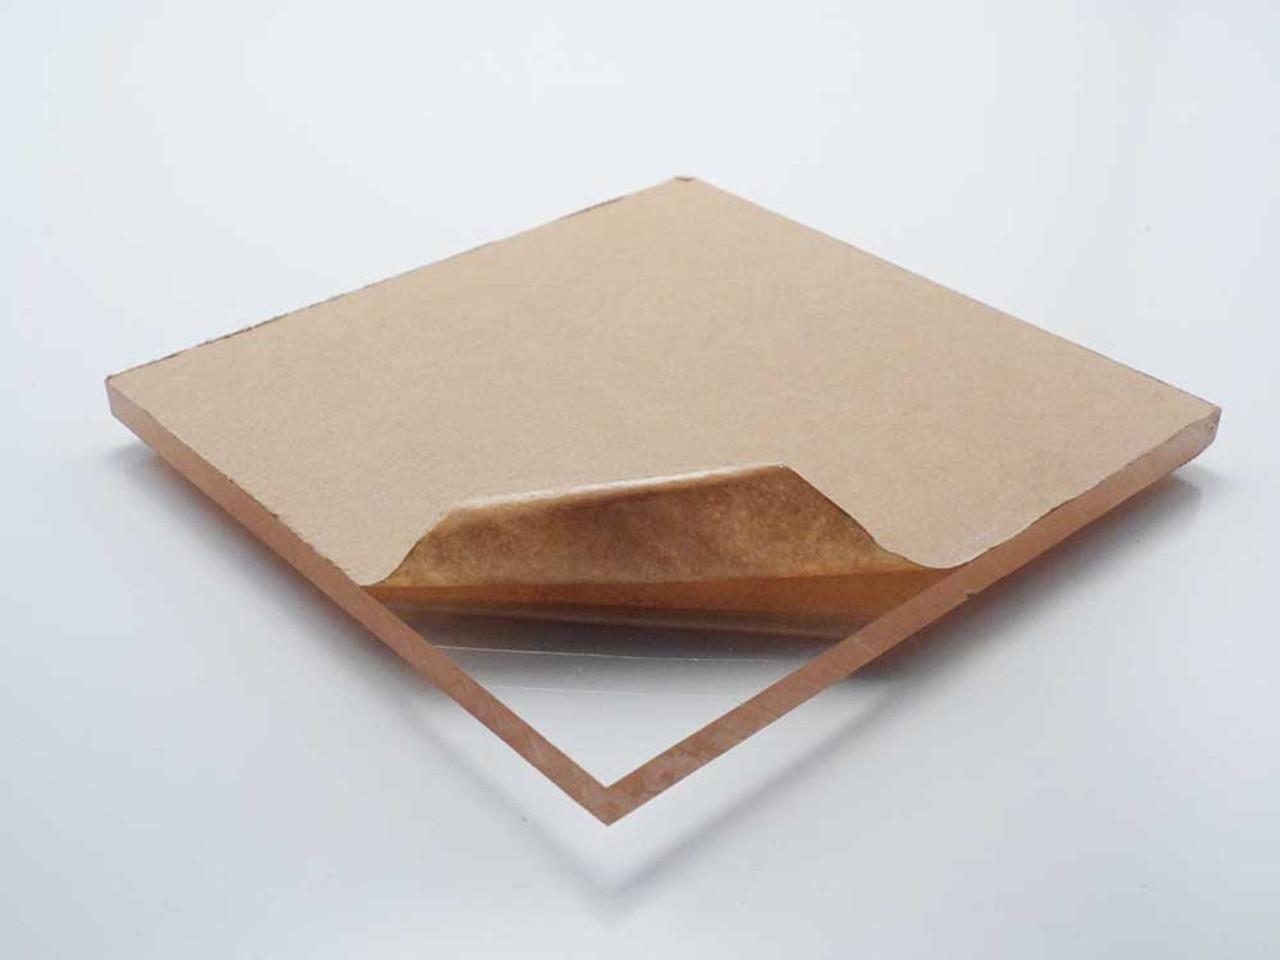 Standard Acrylic Plexiglass 0 06 Thick 12x16